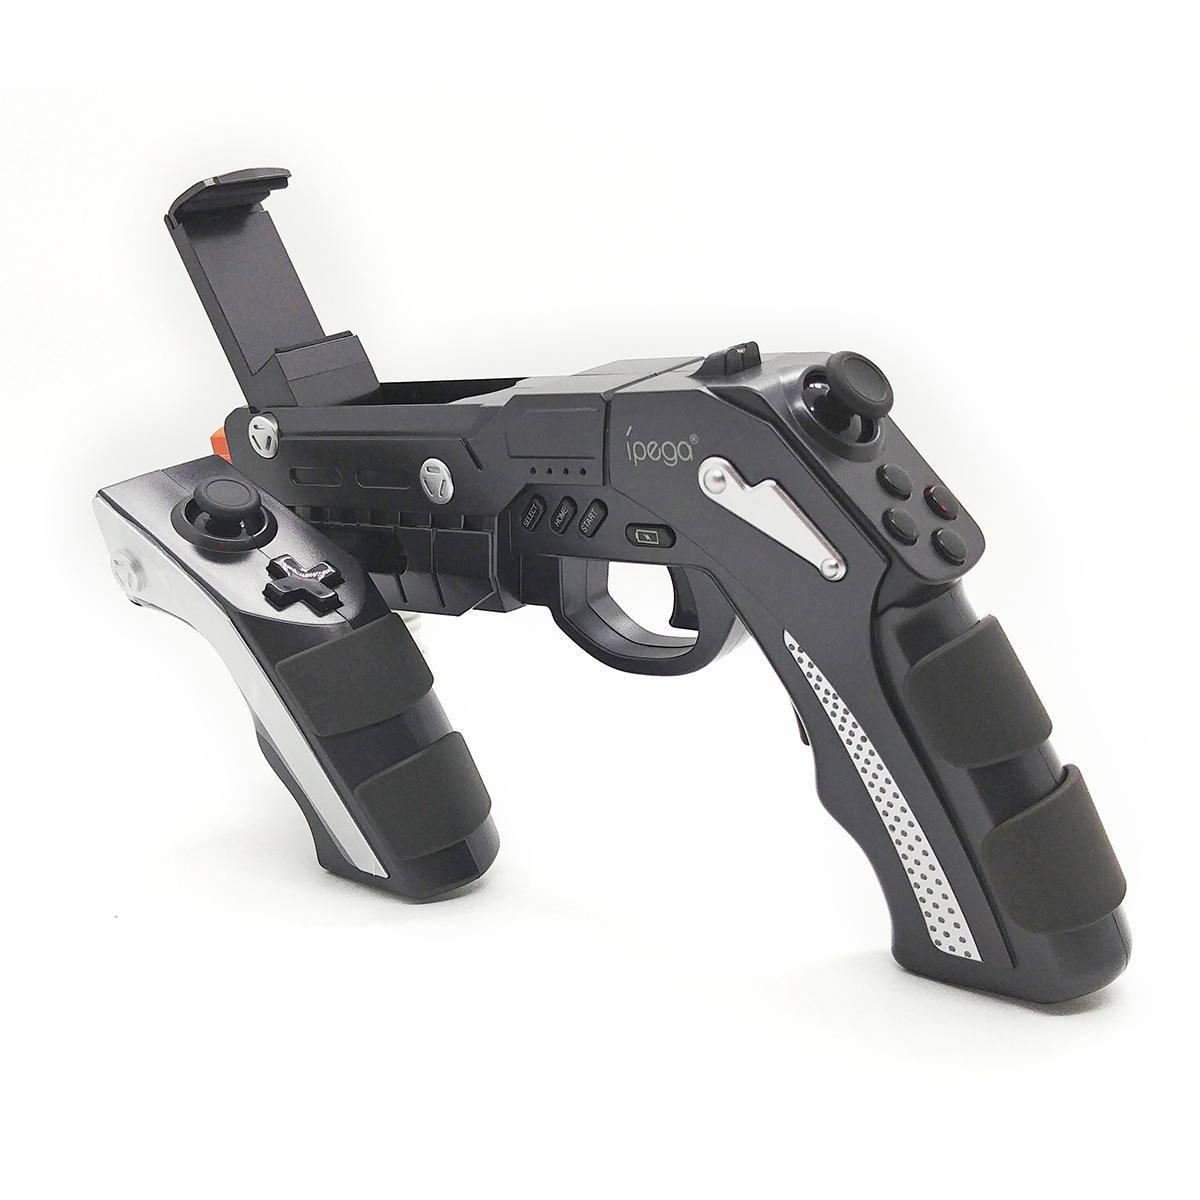 Controle Gamepad Gun Phantom Shox Bluetooth em Formato de Arma para Jogos de Tiro para Celular Ipega PG-9057 Original